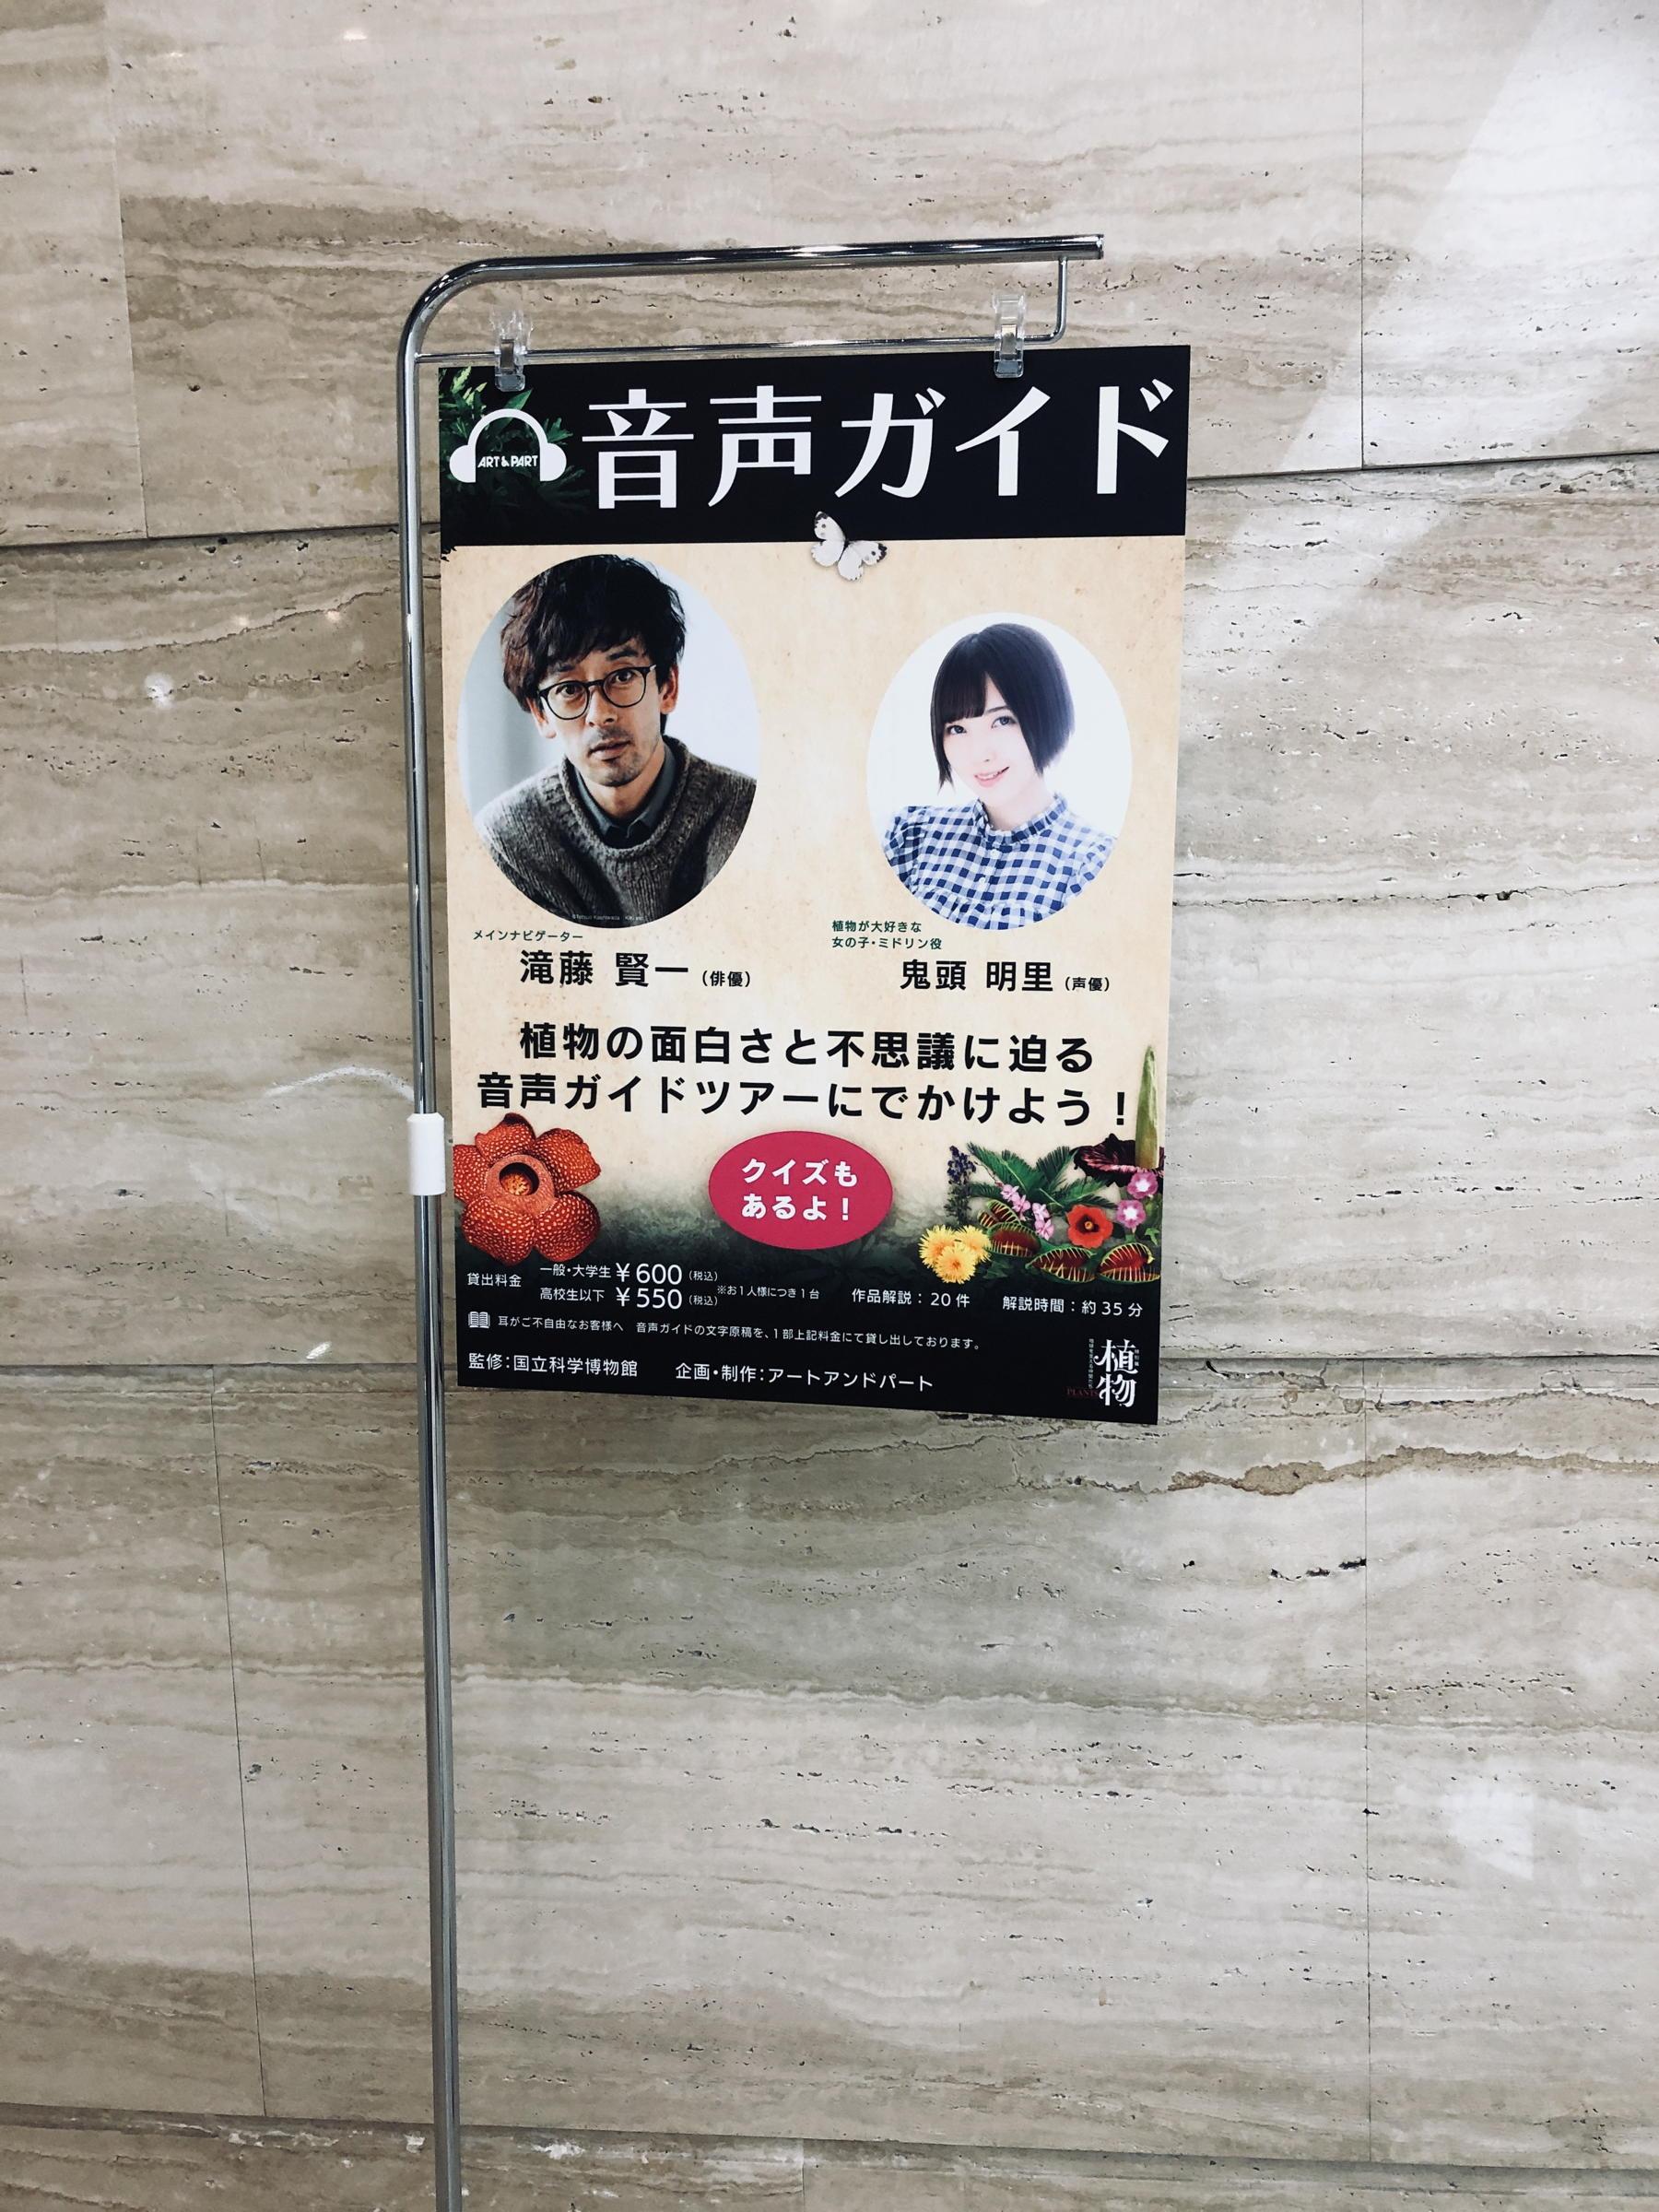 音声ガイドのメインナビゲーターは「NHK 趣味の園芸」でおなじみの滝藤賢一さん! レンタルは大人600円なり